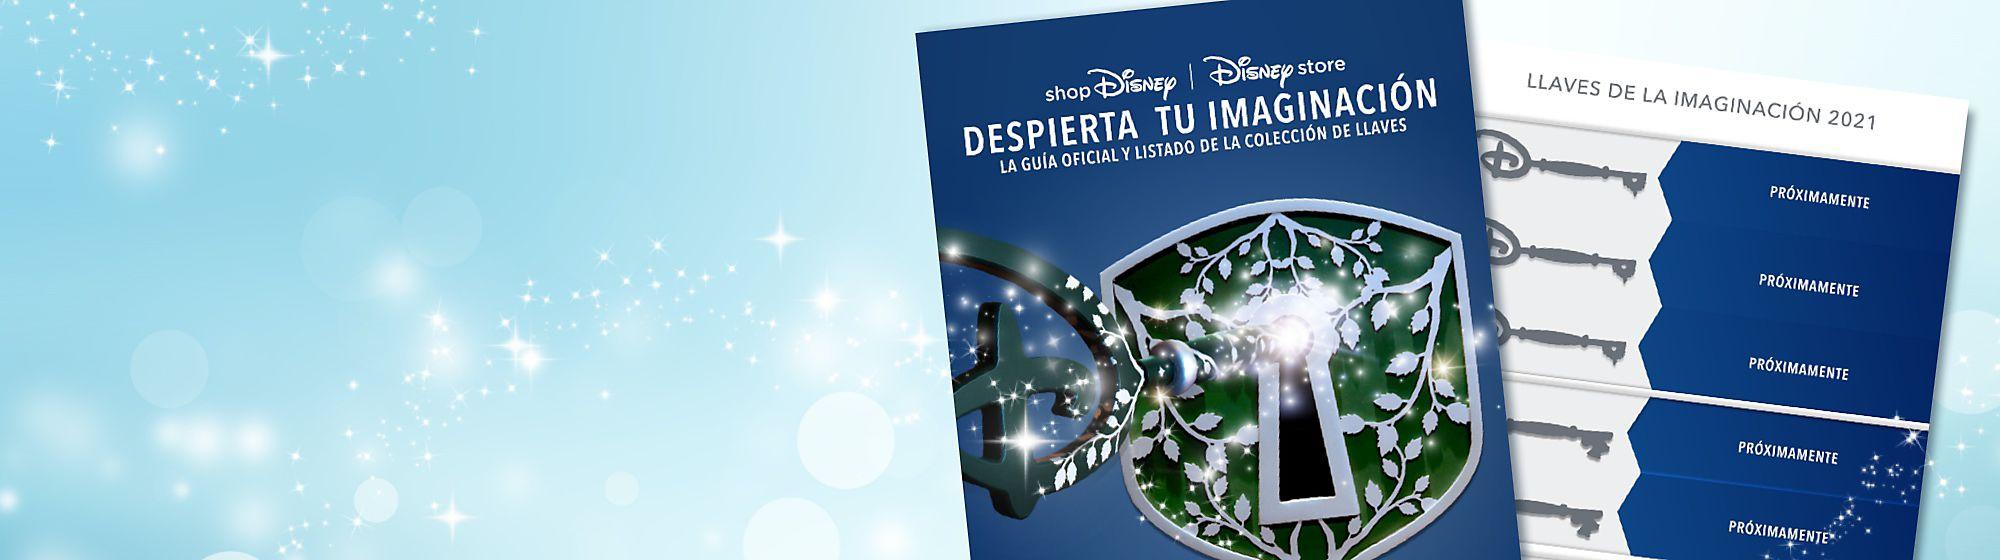 Llaves de la Imaginación Despierta tu imaginación con nuestras llaves, inspiradas en las llaves de la Ceremonia de Apertura disponibles en las tiendas Disney Store. Estas preciosas llaves serán el regalo perfecto para fans y coleccionistas de Disney. Echa un vistazo a nuestro listado y consulta qué llaves se han publicado hasta ahora.